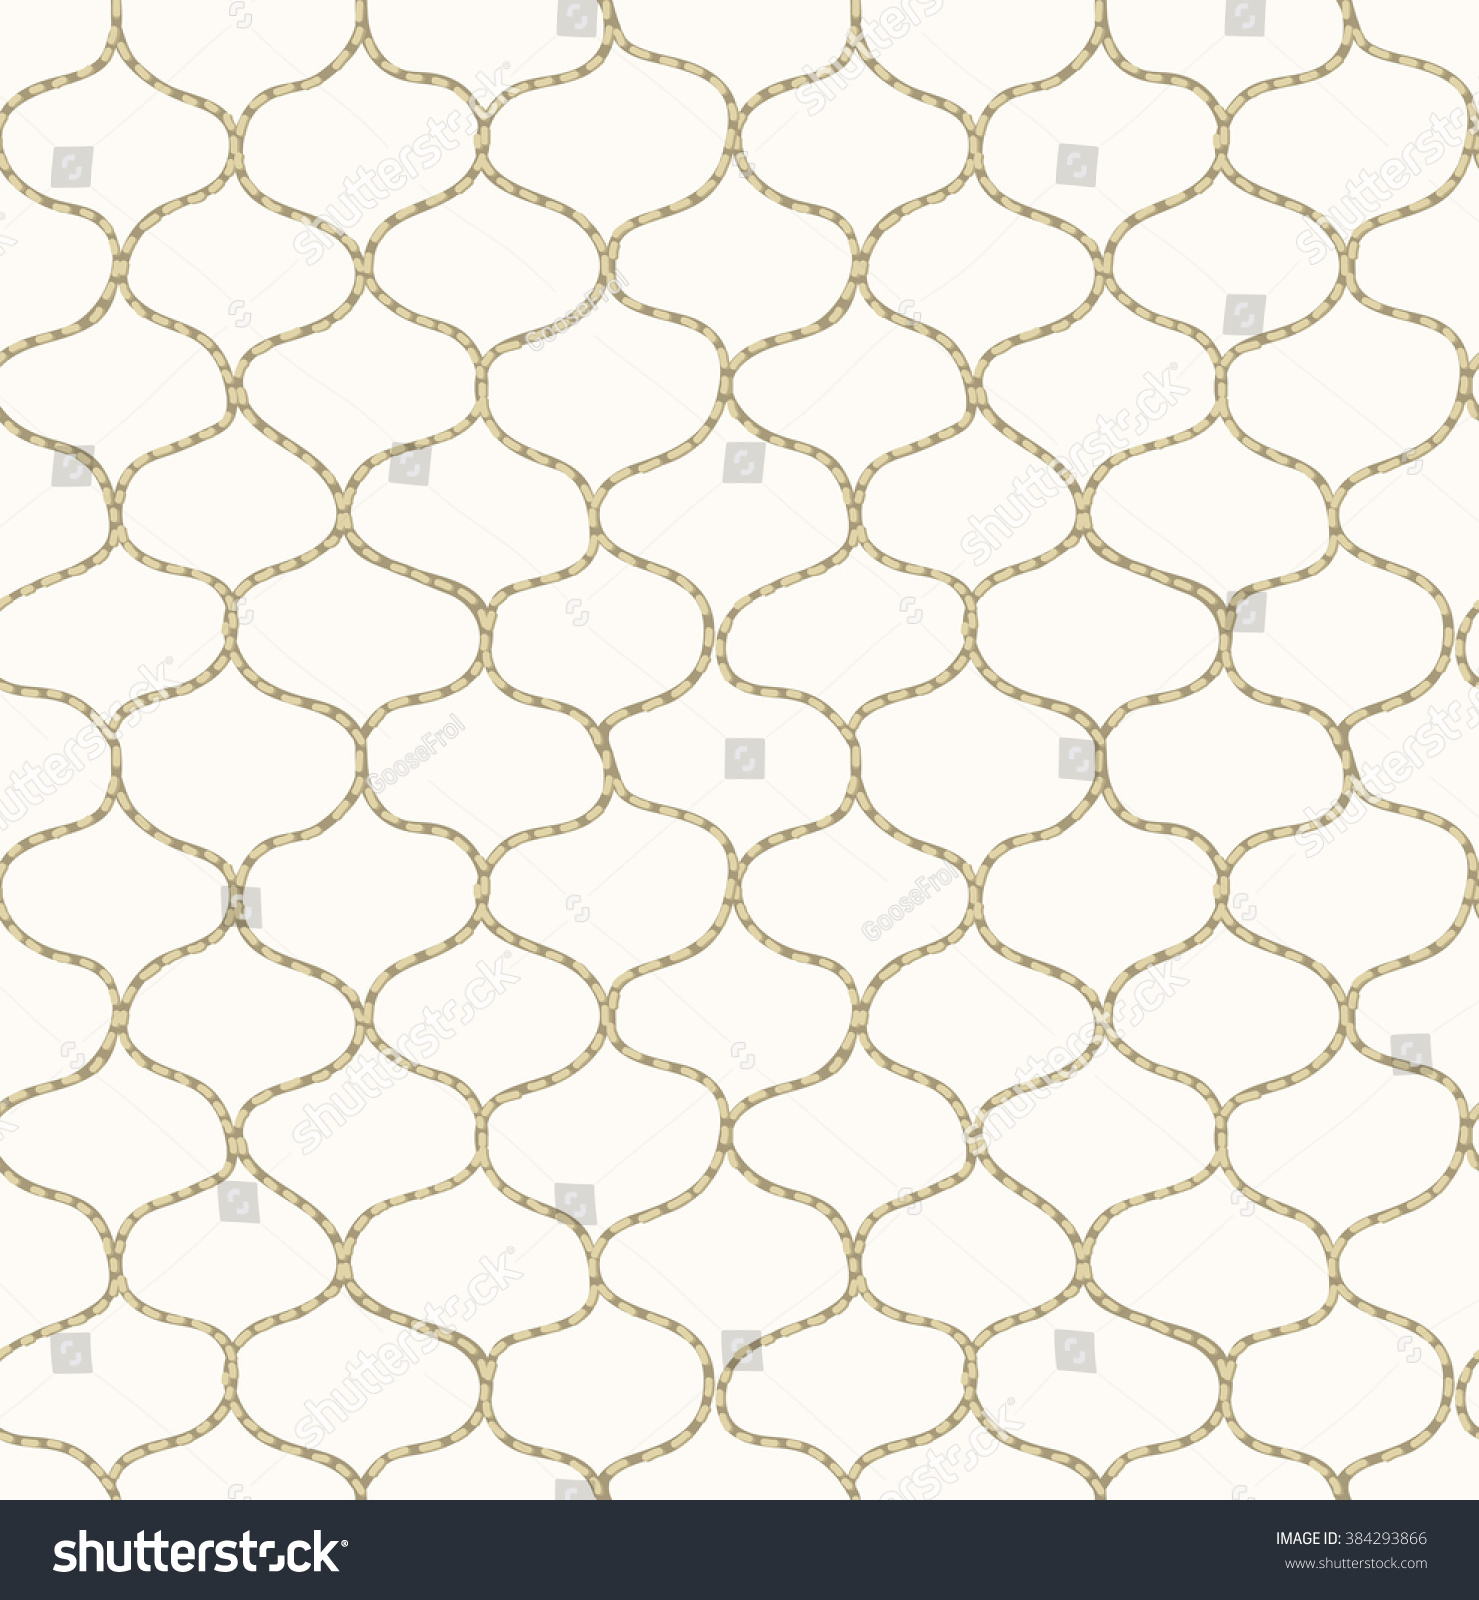 Seamless Net Texture